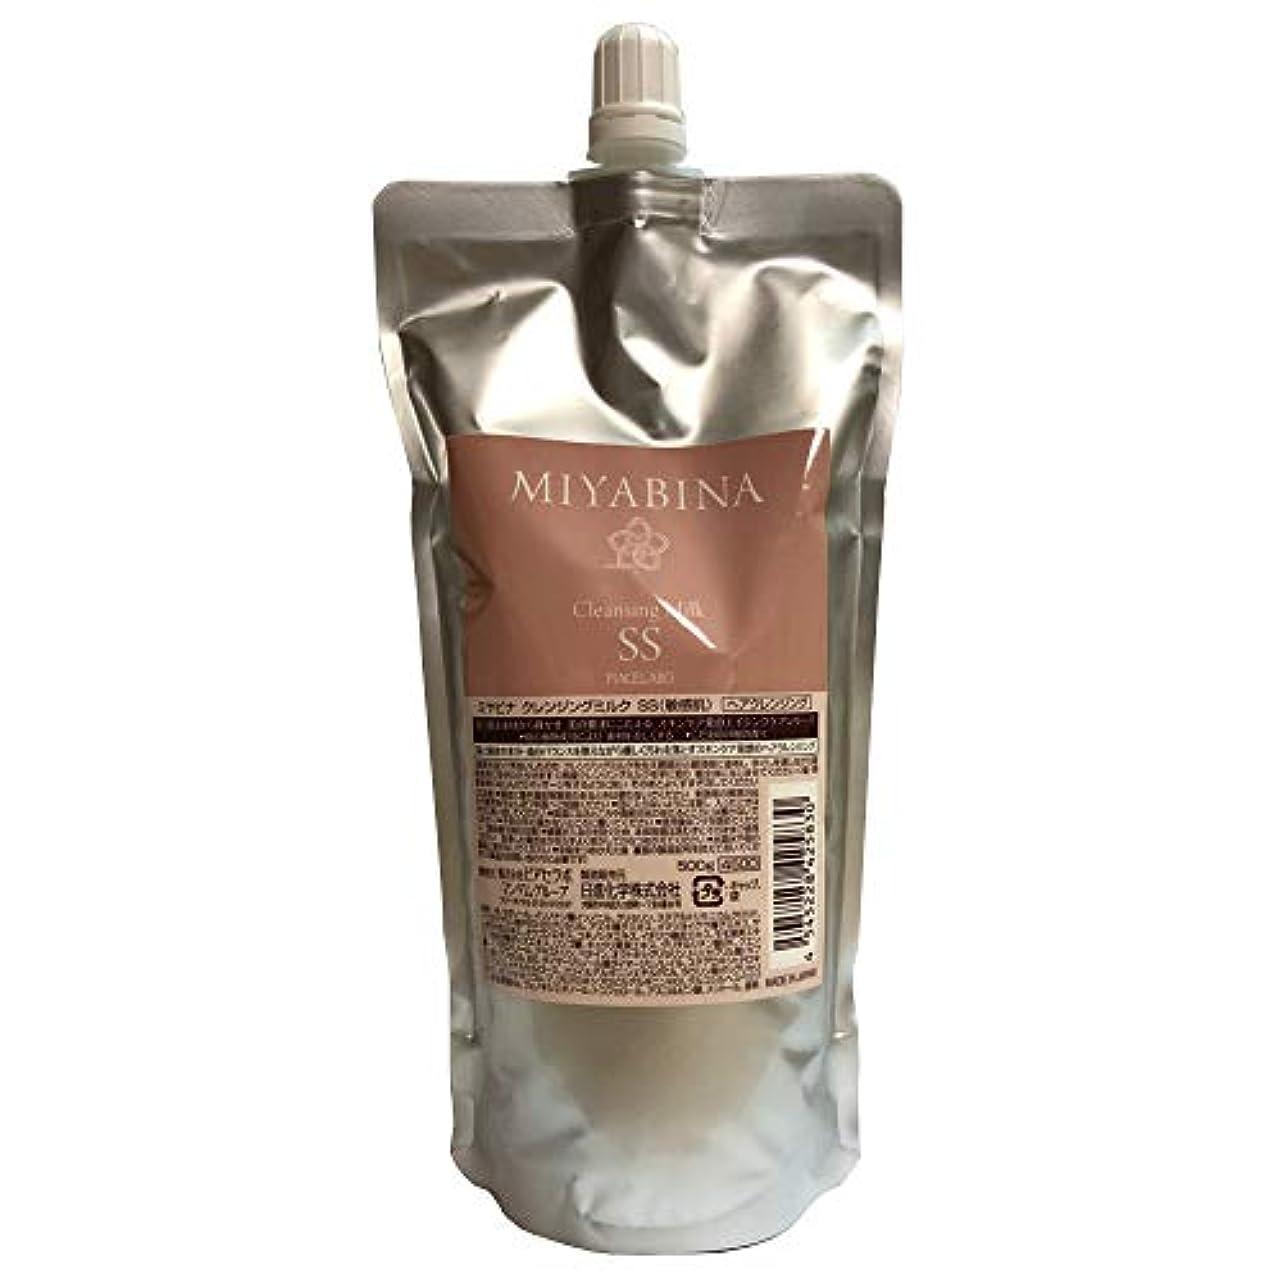 もっと少なくくしゃくしゃ面白いミヤビナ クレンジングミルク SS(敏感肌) 500g レフィル(詰め替え)